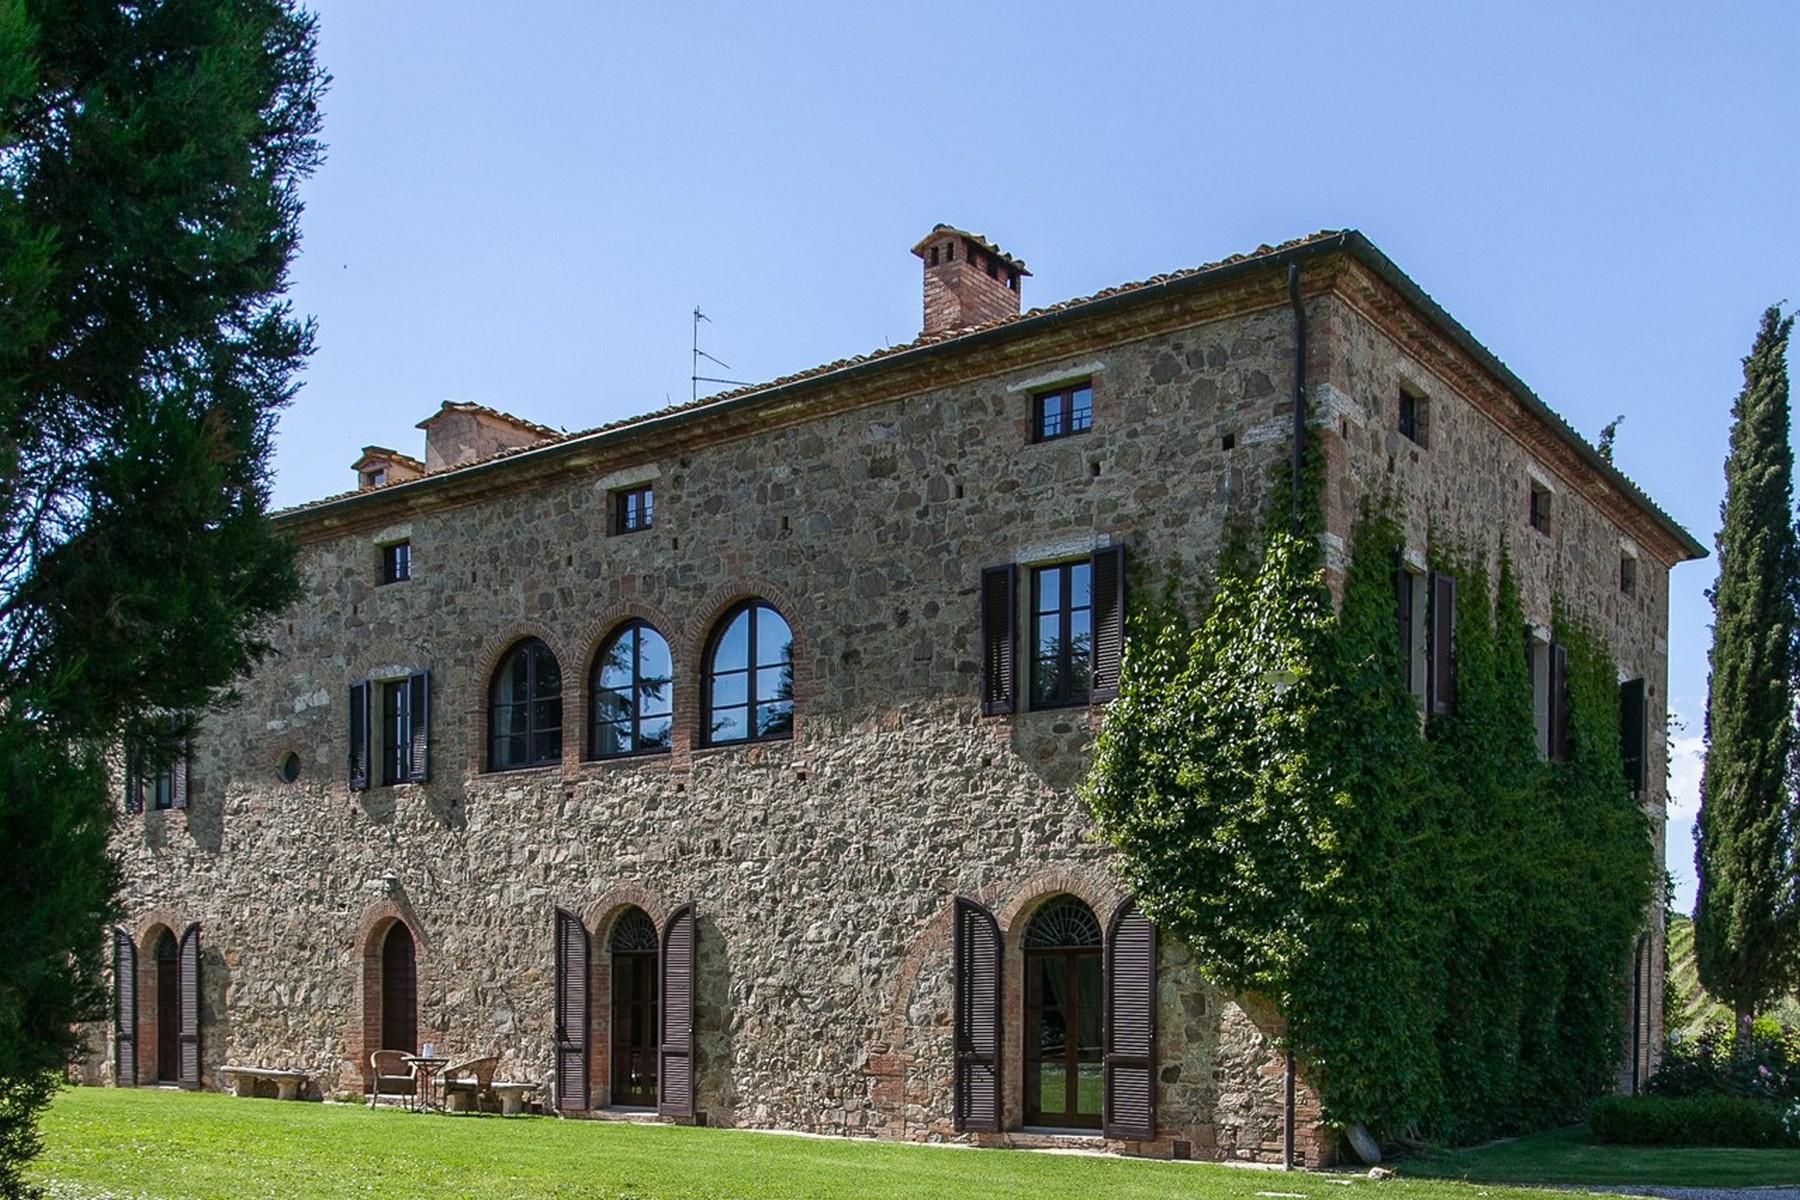 Rustico in Vendita a Montalcino: 5 locali, 900 mq - Foto 3